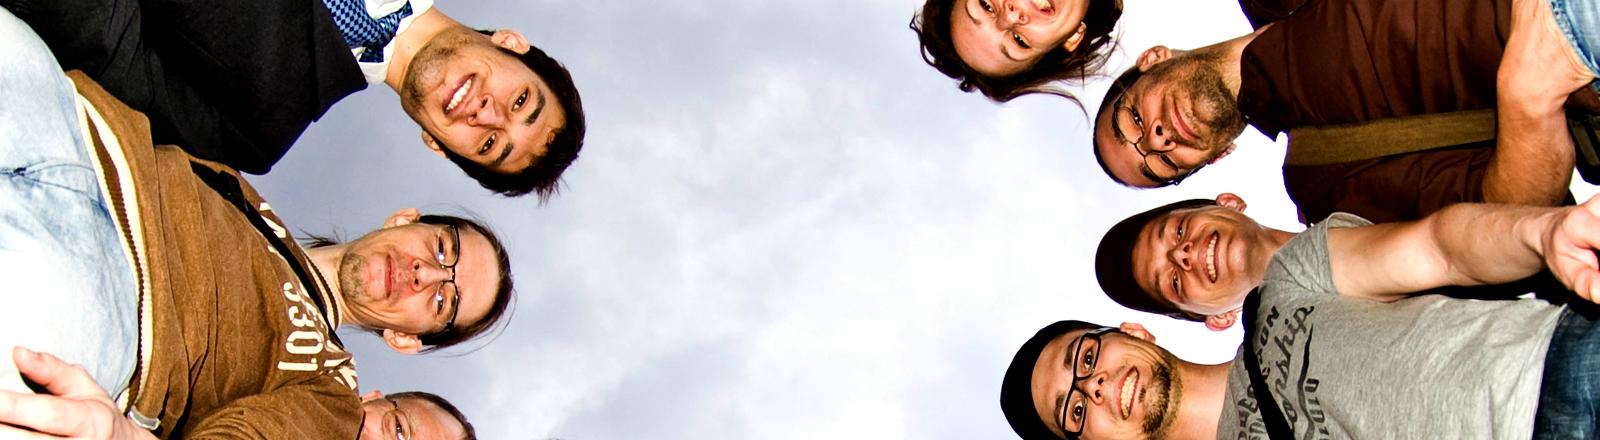 Eine Gruppe von Menschen steht im Kreis und blickt lächend von oben in eine auf dem Boden liegende Kamera